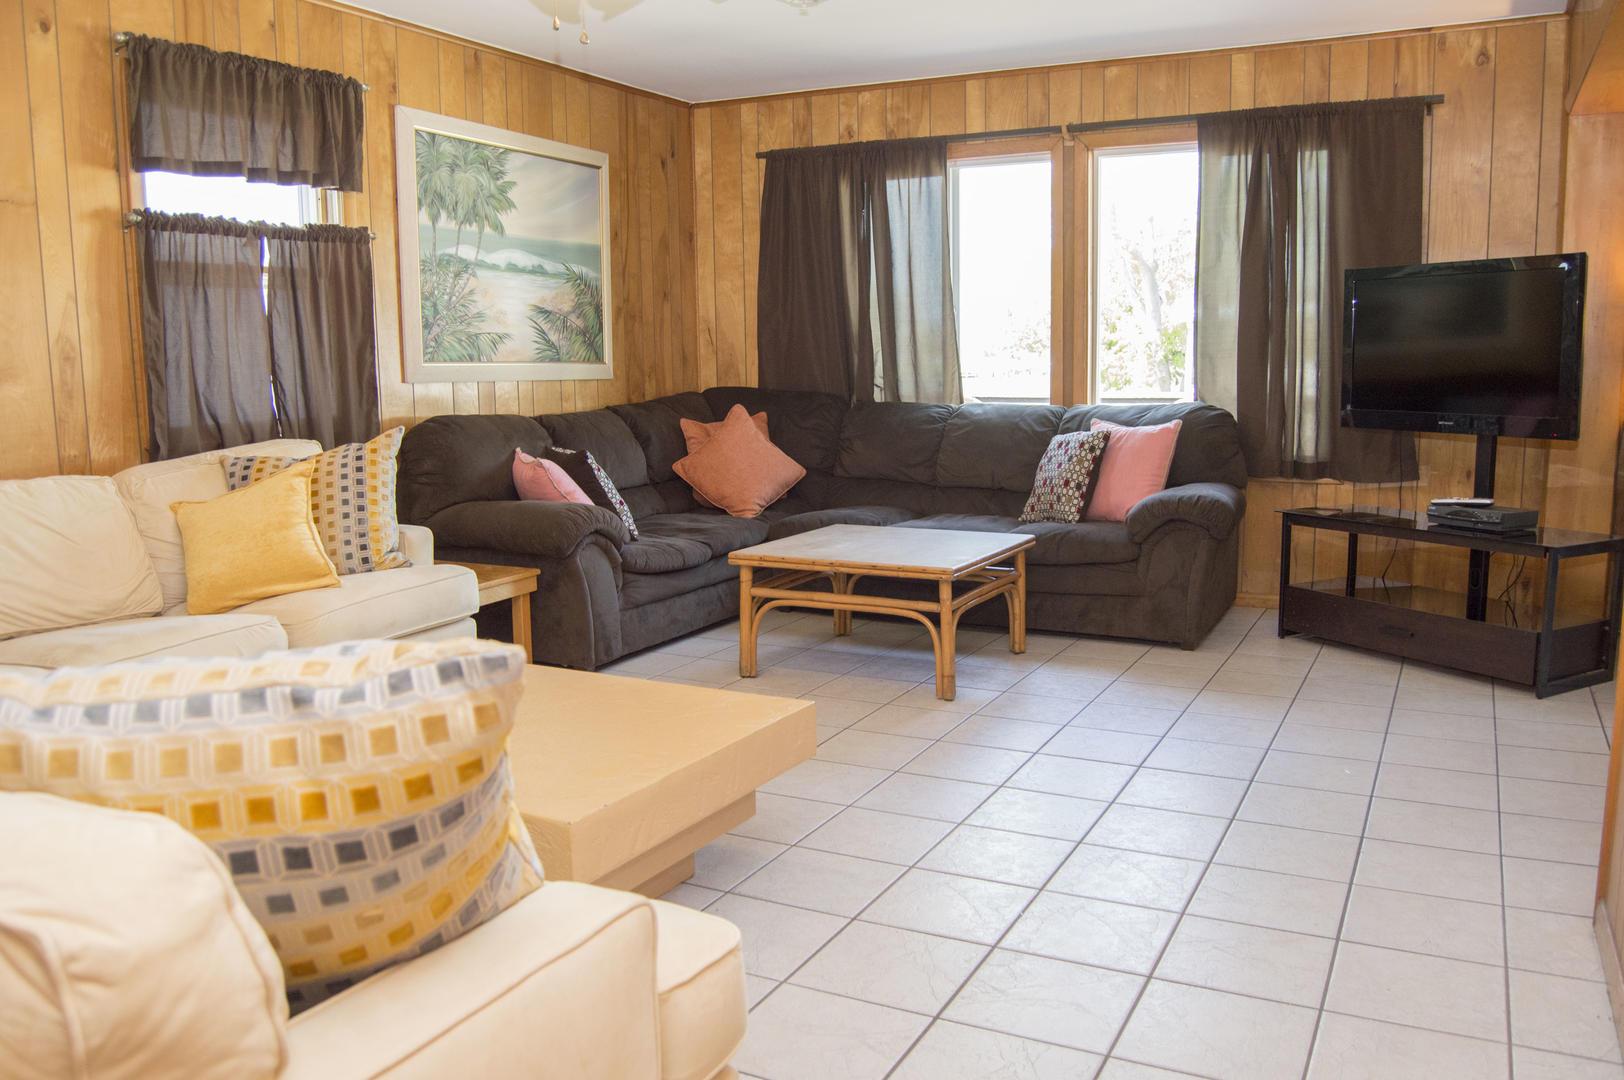 Karoline's Place - Living Room